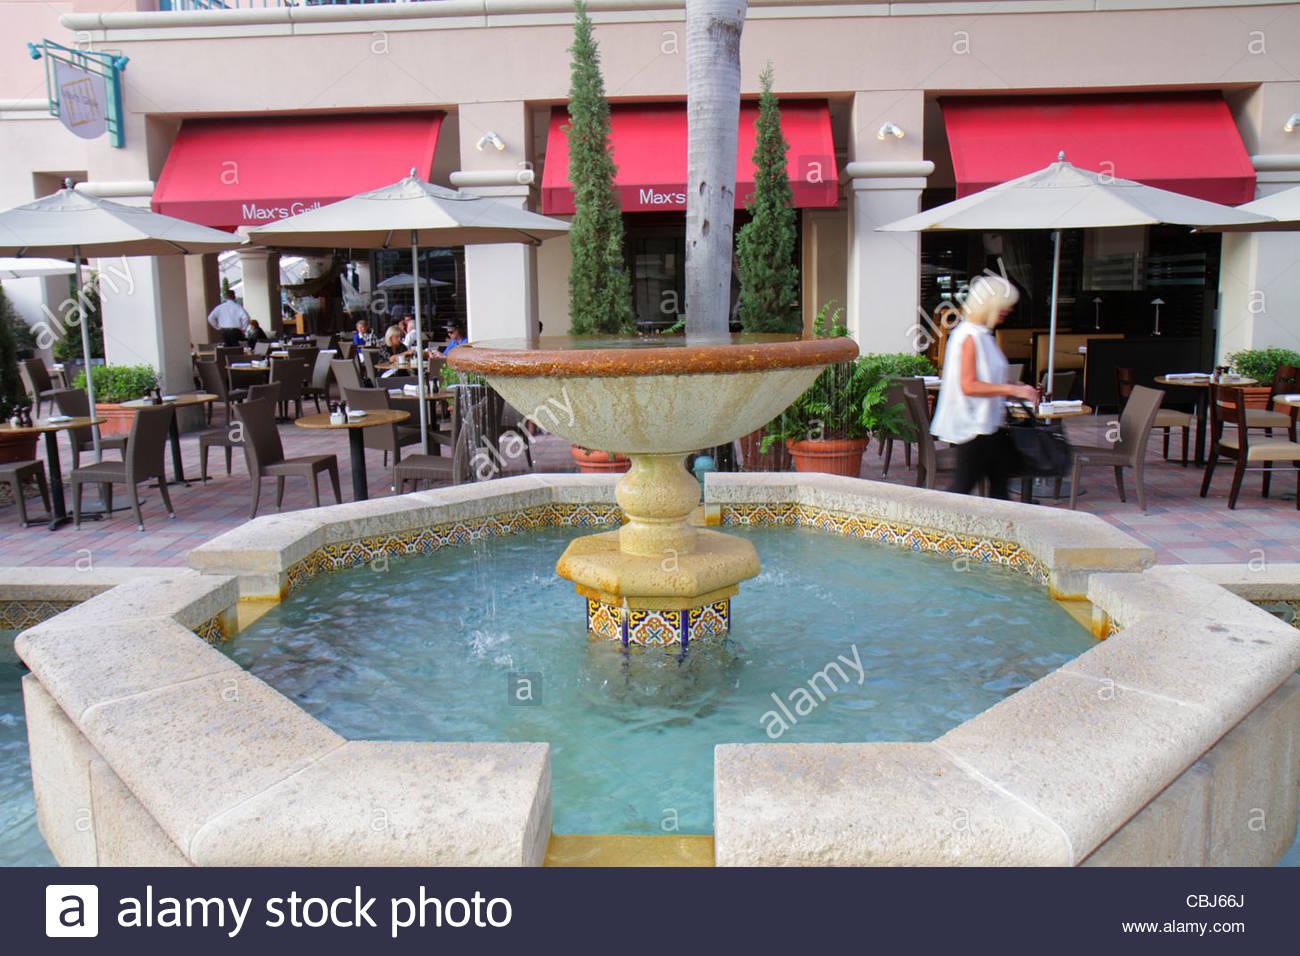 Boca Raton Florida Mizner Park Plaza Real Shopping Dining Alfesco Al